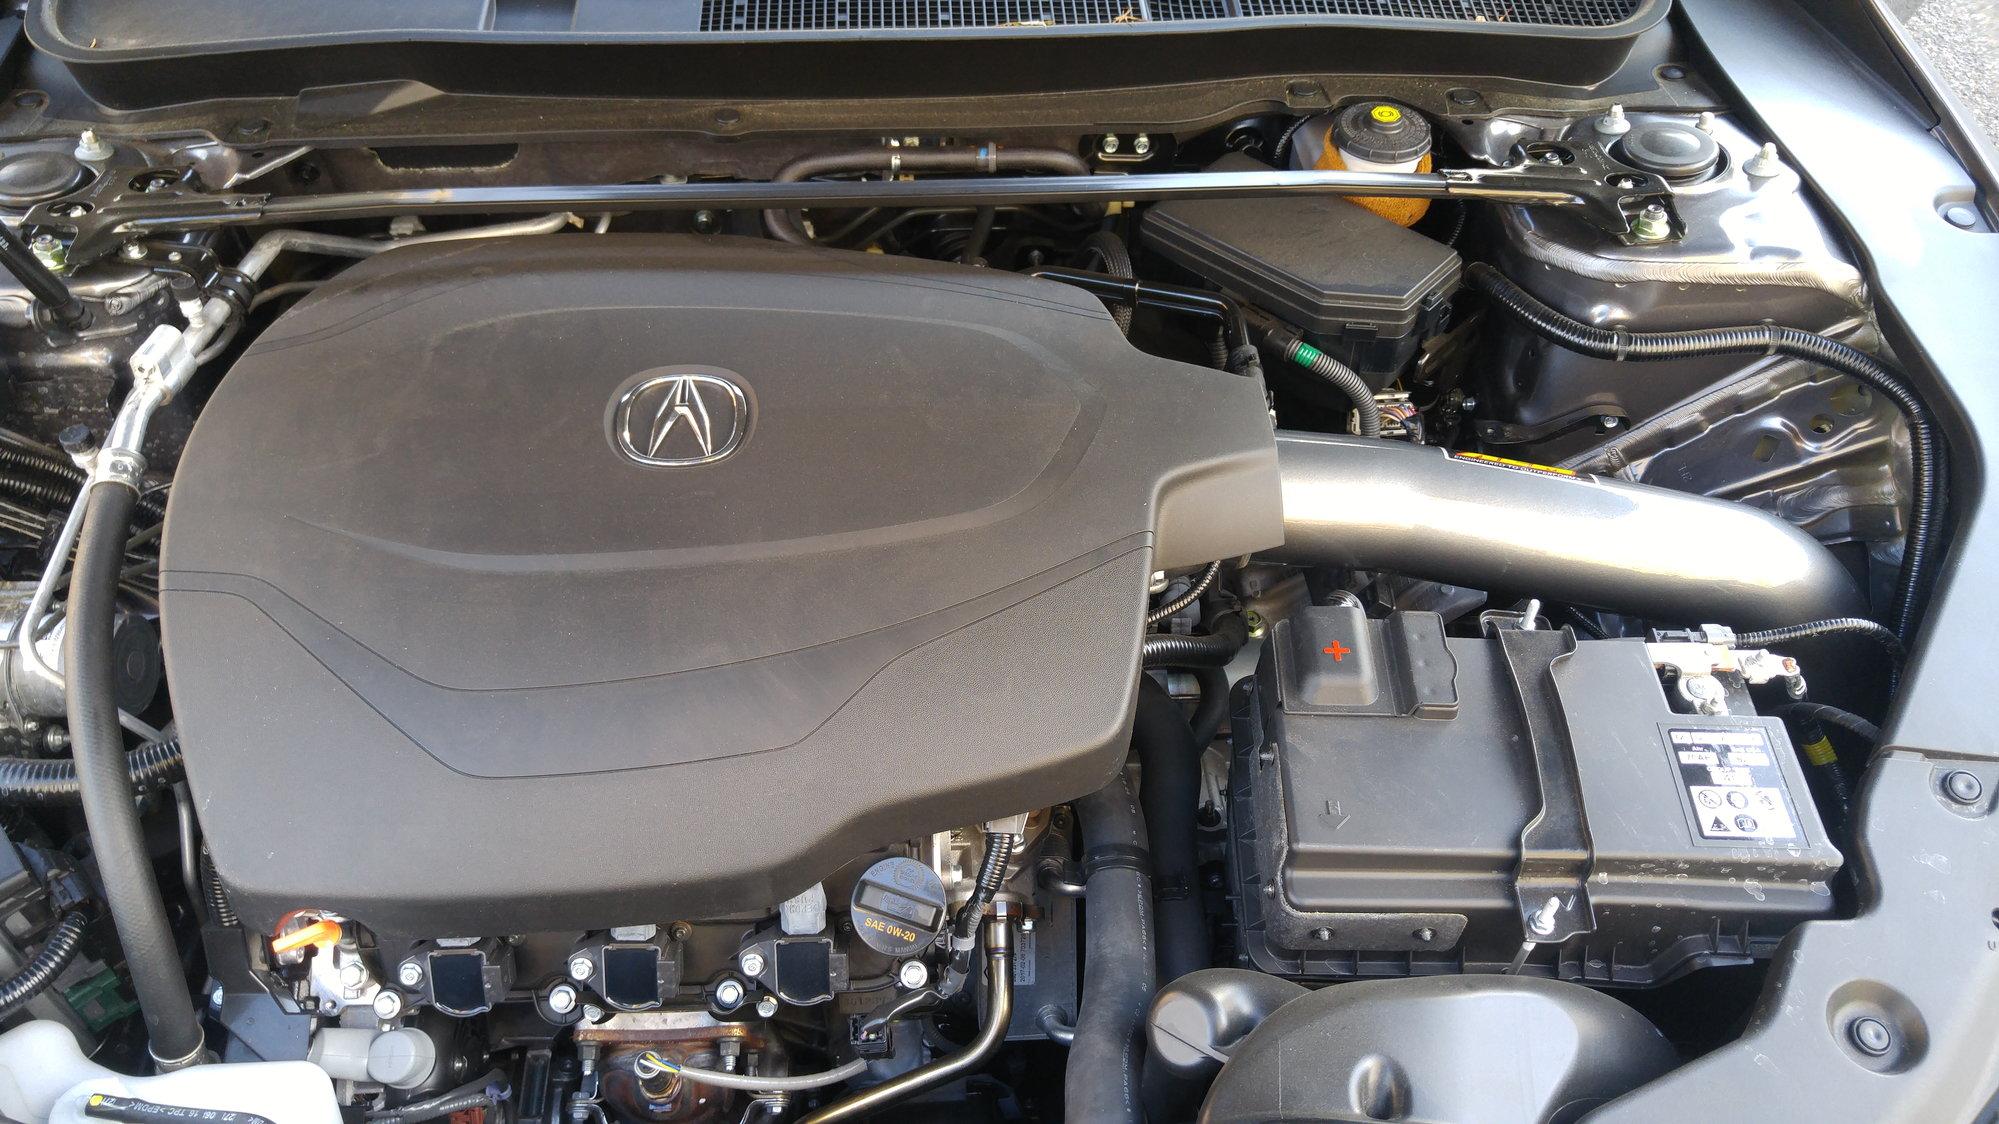 2005 Acura RL AC blowing Hot air - AcuraZine - Acura